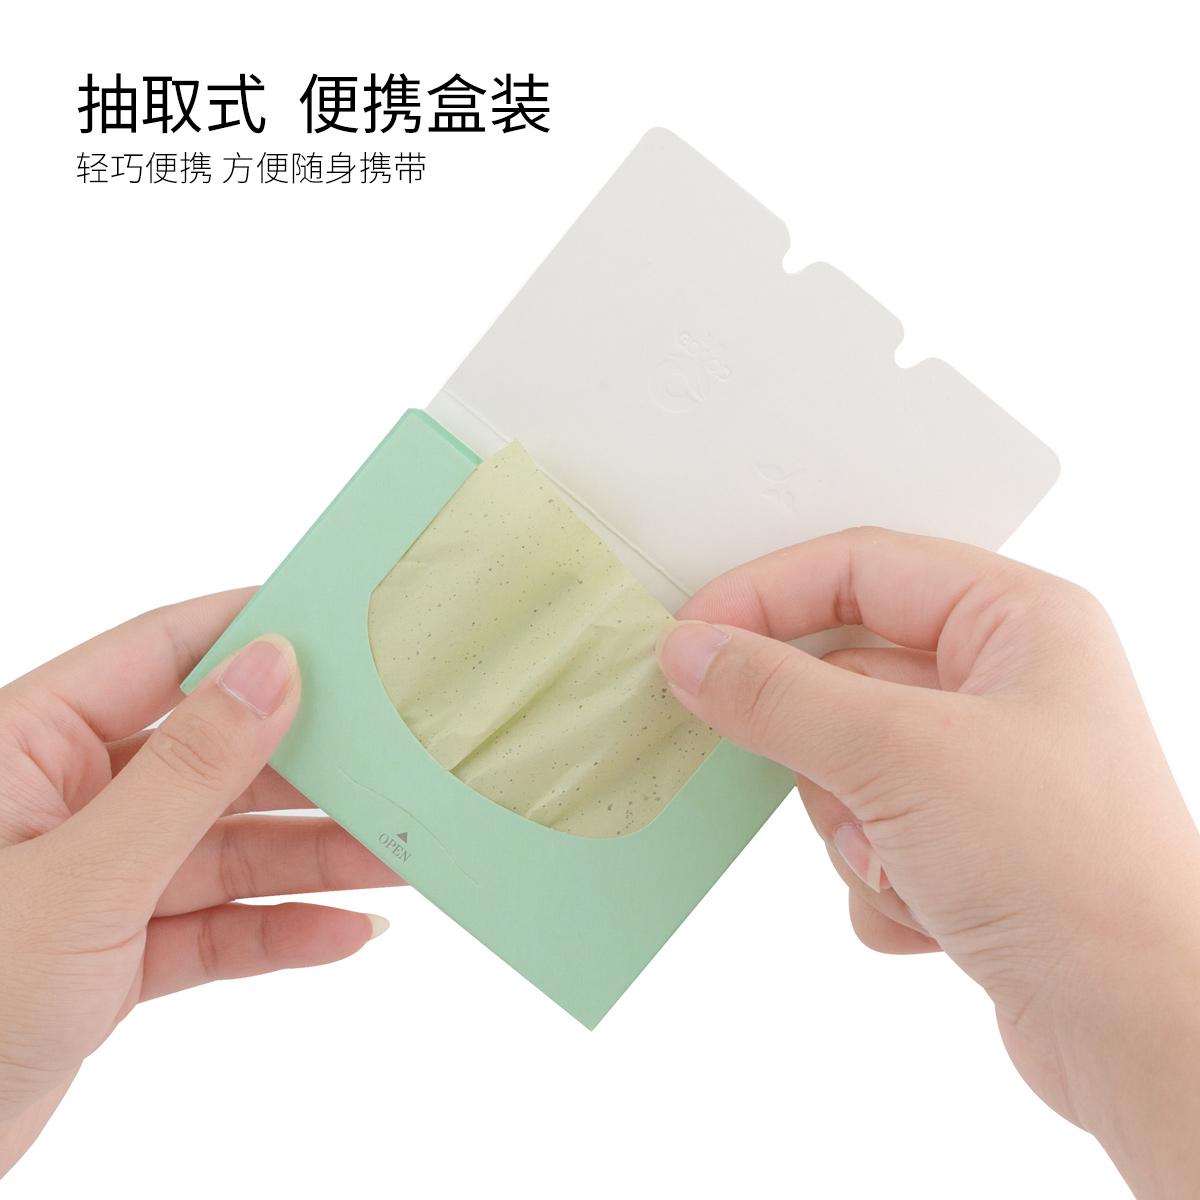 【300张】吸油面纸便携夏季绿茶竹炭控油男女士去油纸面部吸油纸